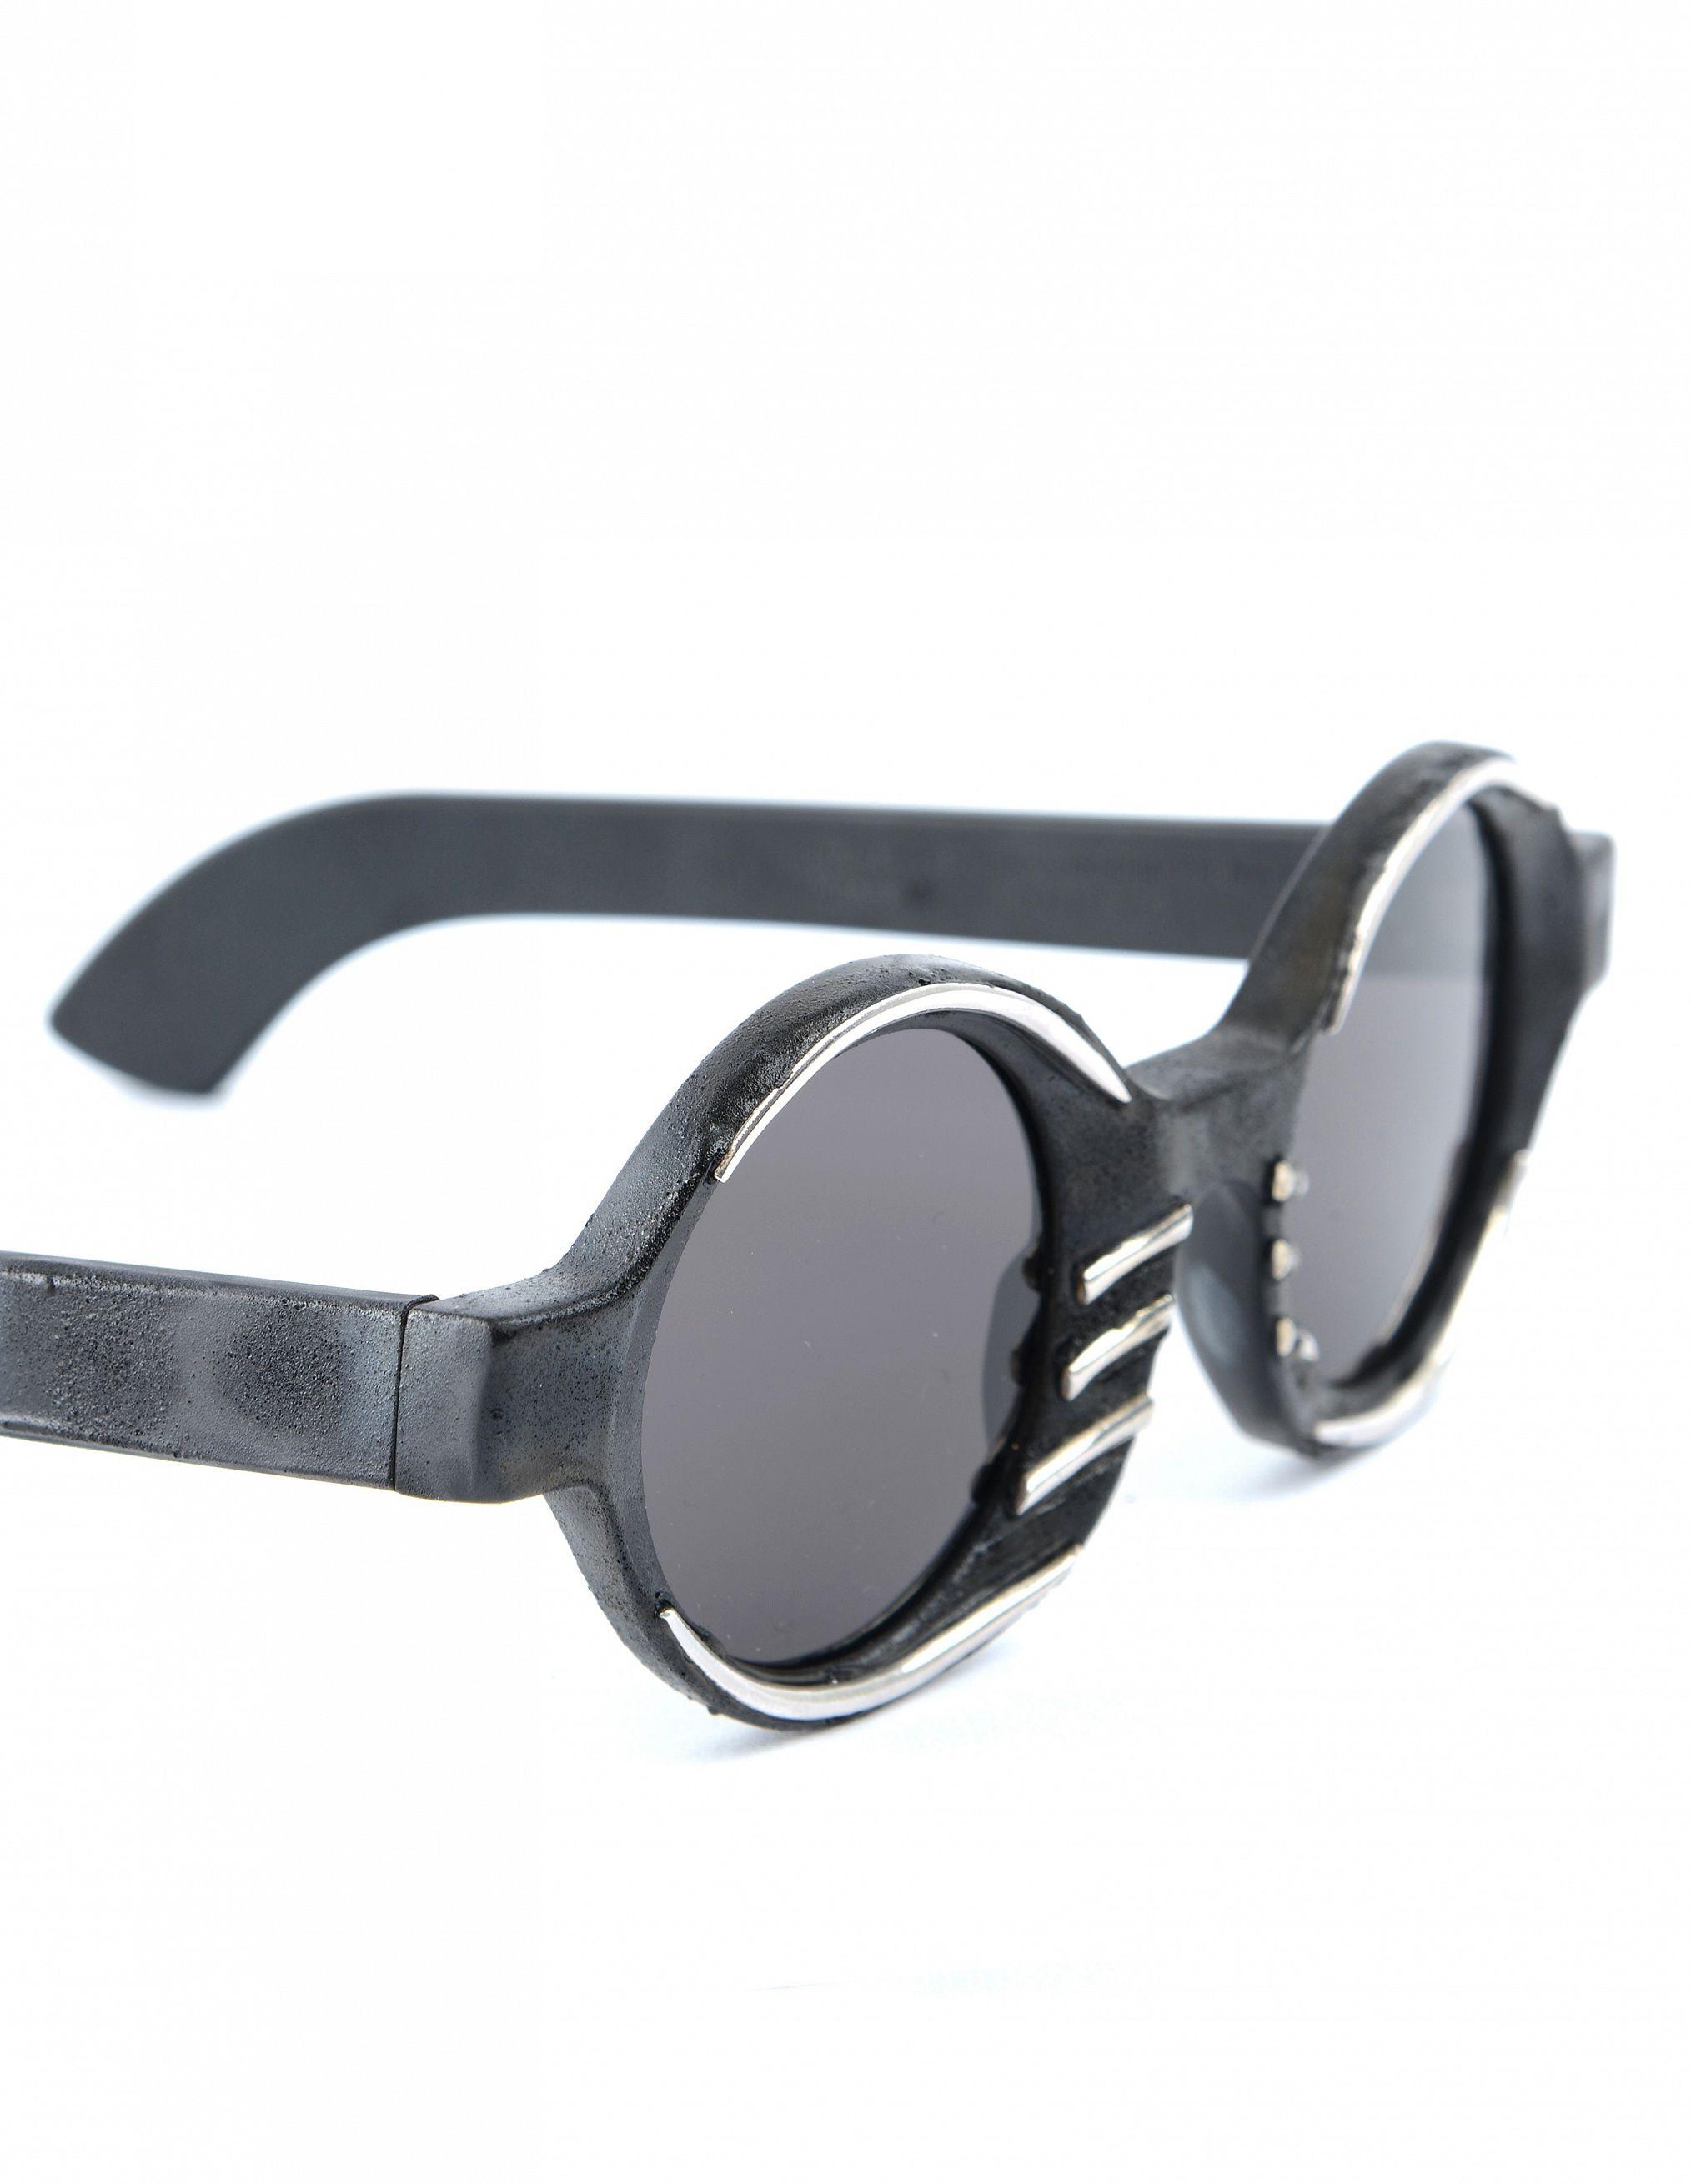 c4bc9ed41b Sunglasses Kuboraum (photo)